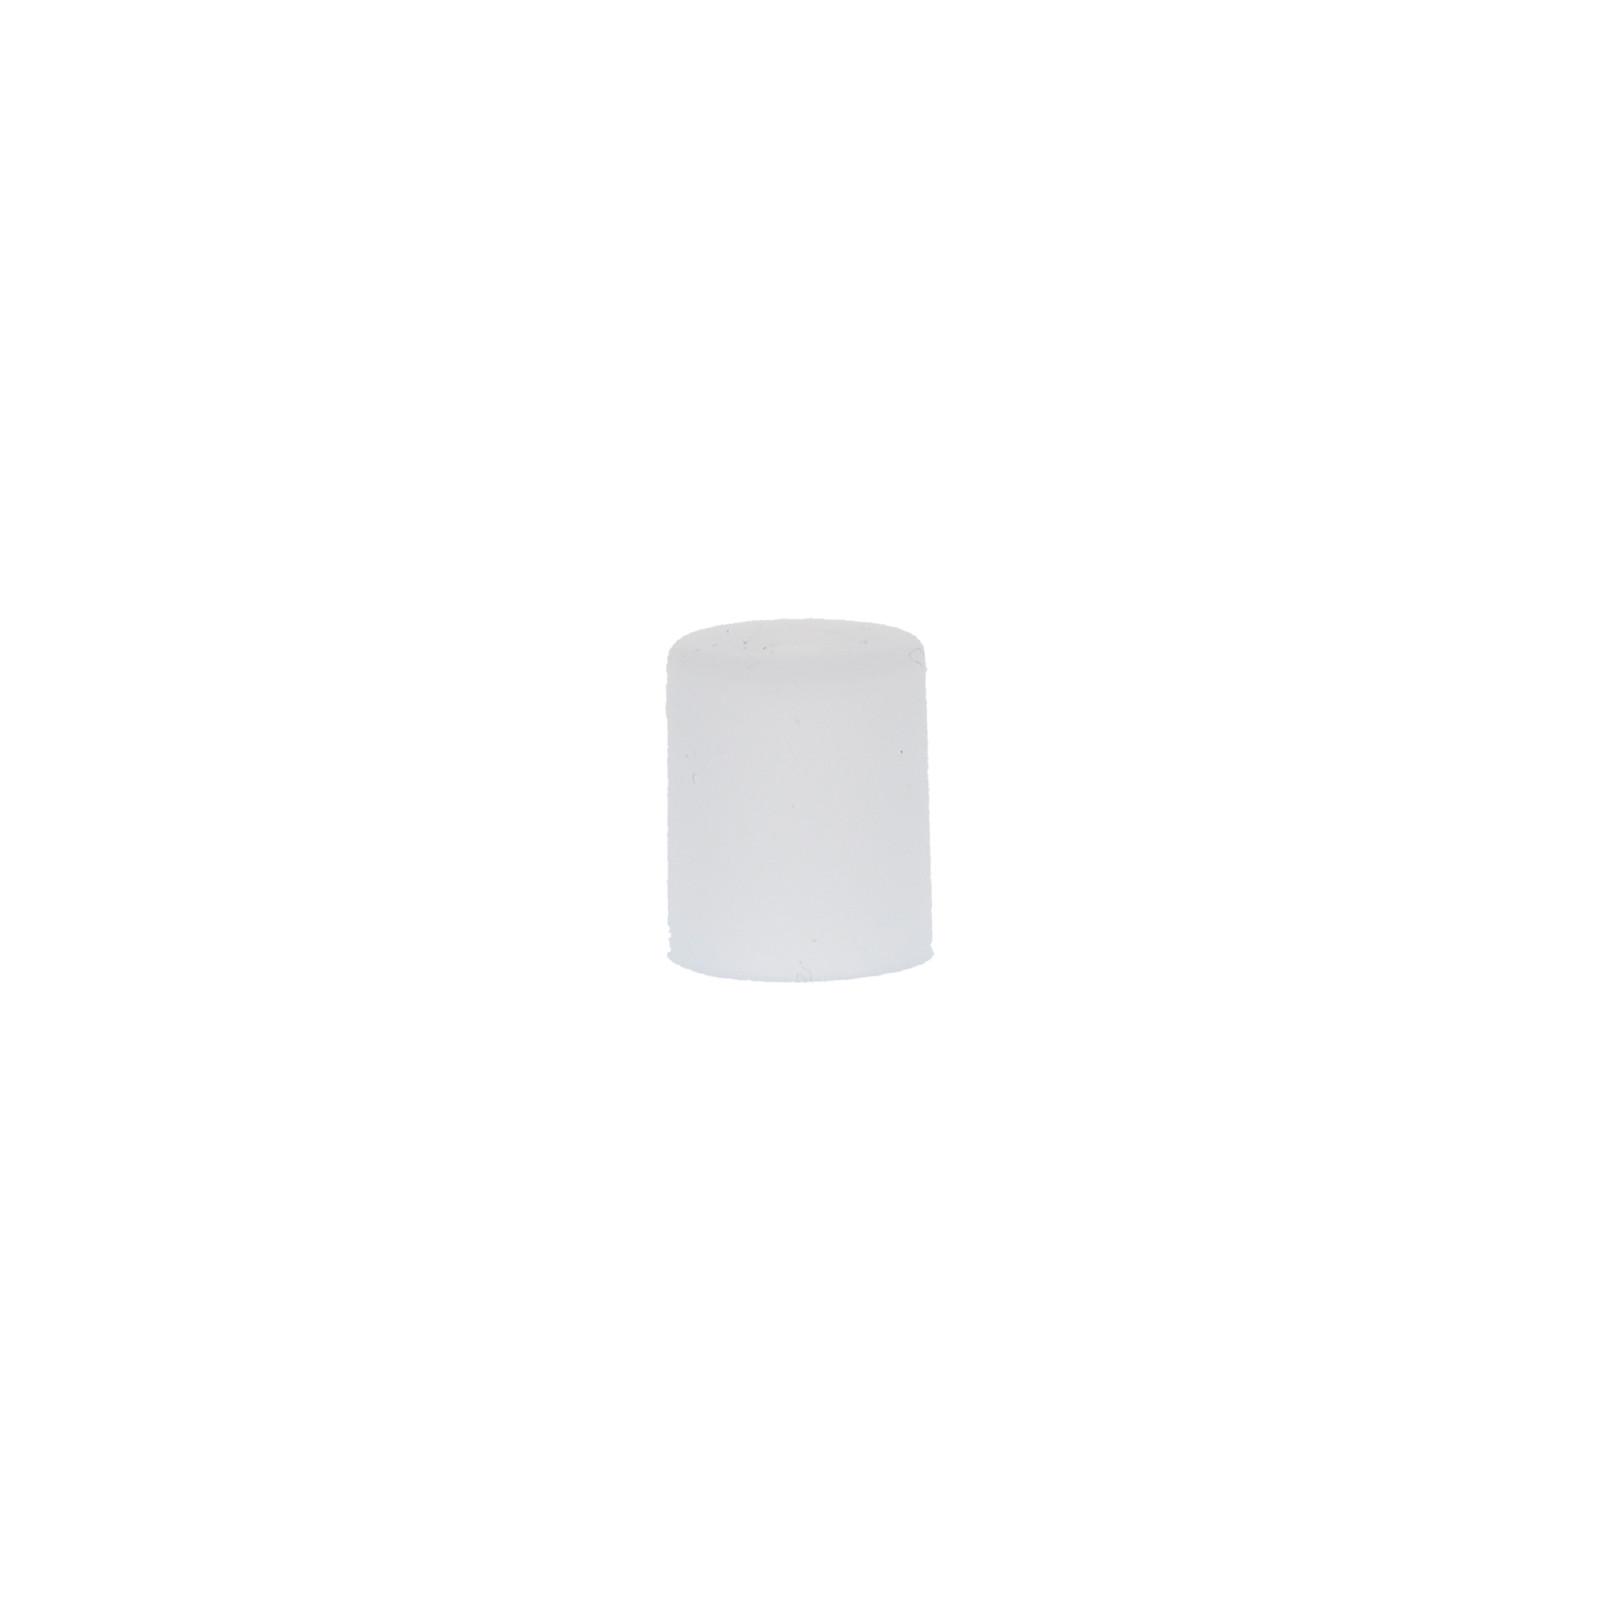 Cap en silicone pour Drip Tip 510 - Vaporesso